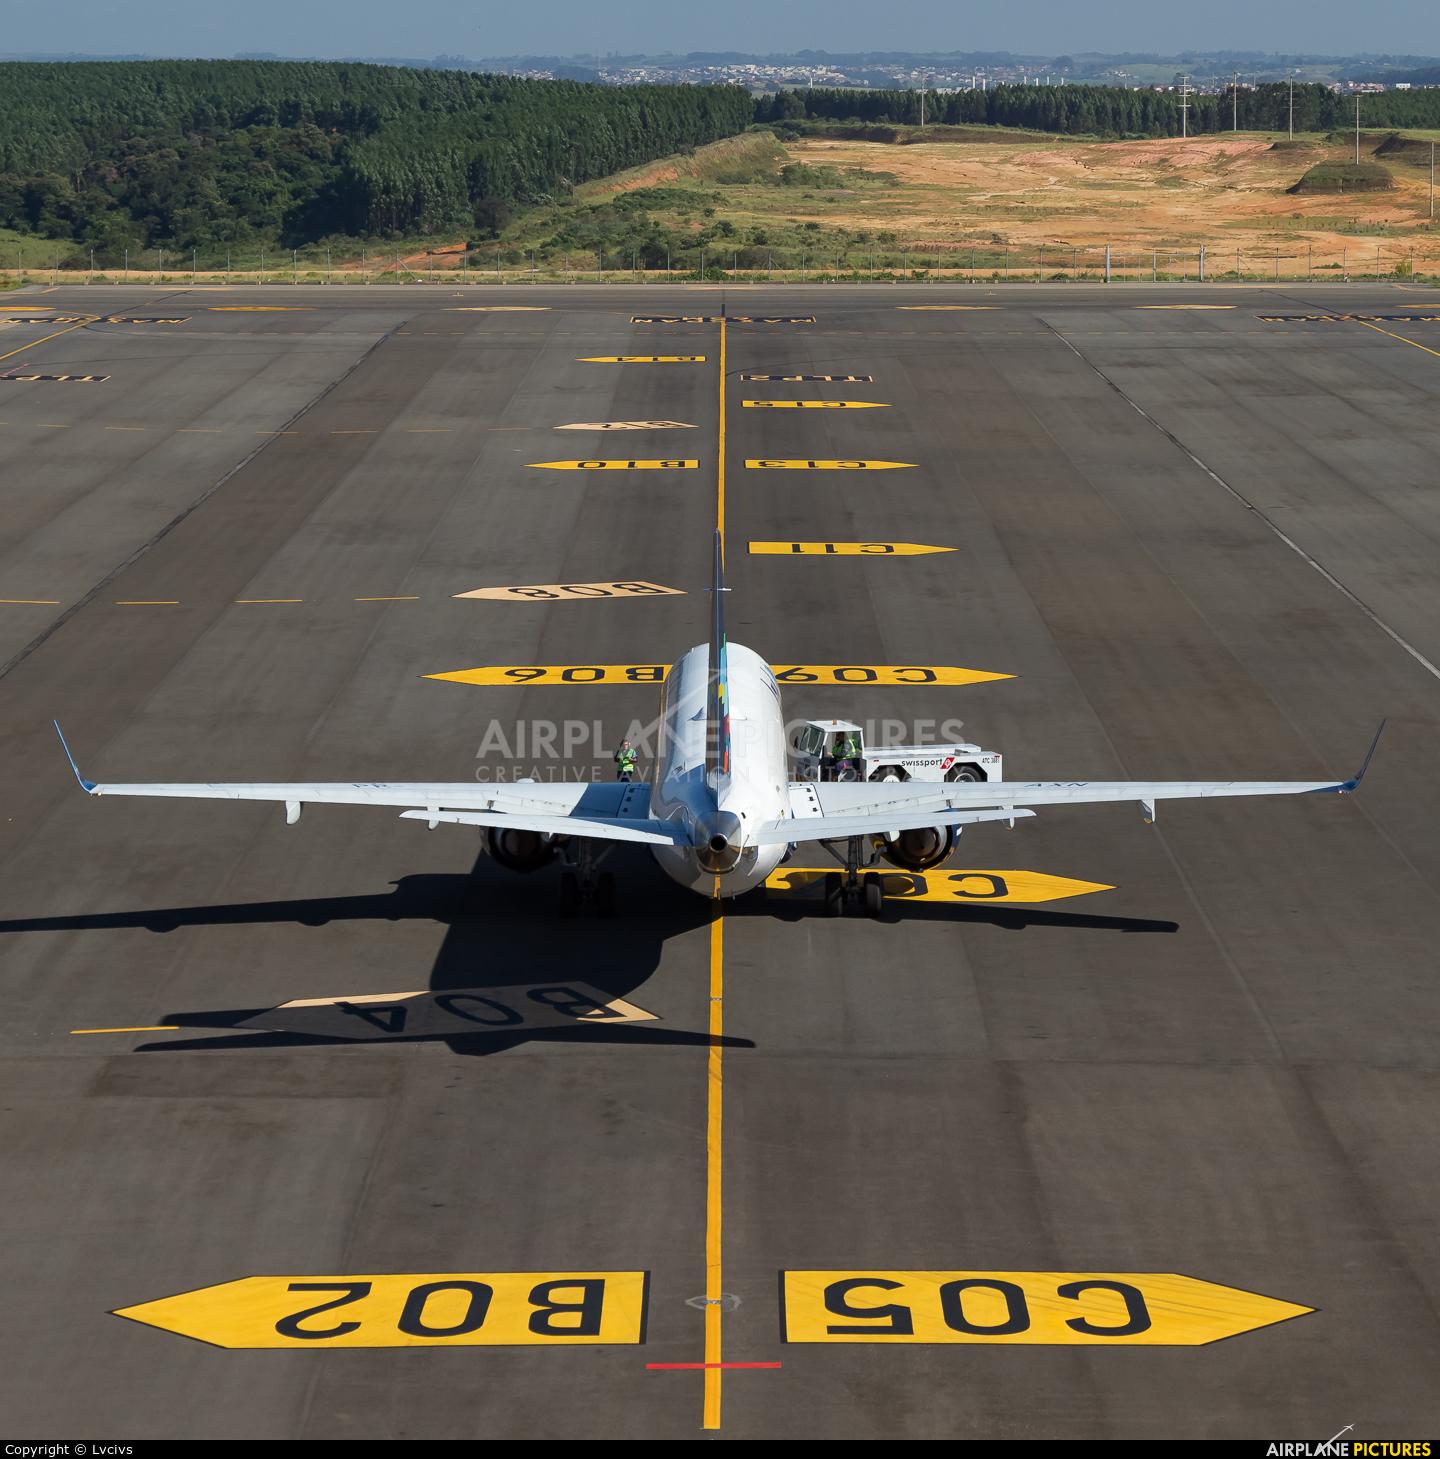 Azul Linhas Aéreas PR-AXN aircraft at Campinas - Viracopos Intl